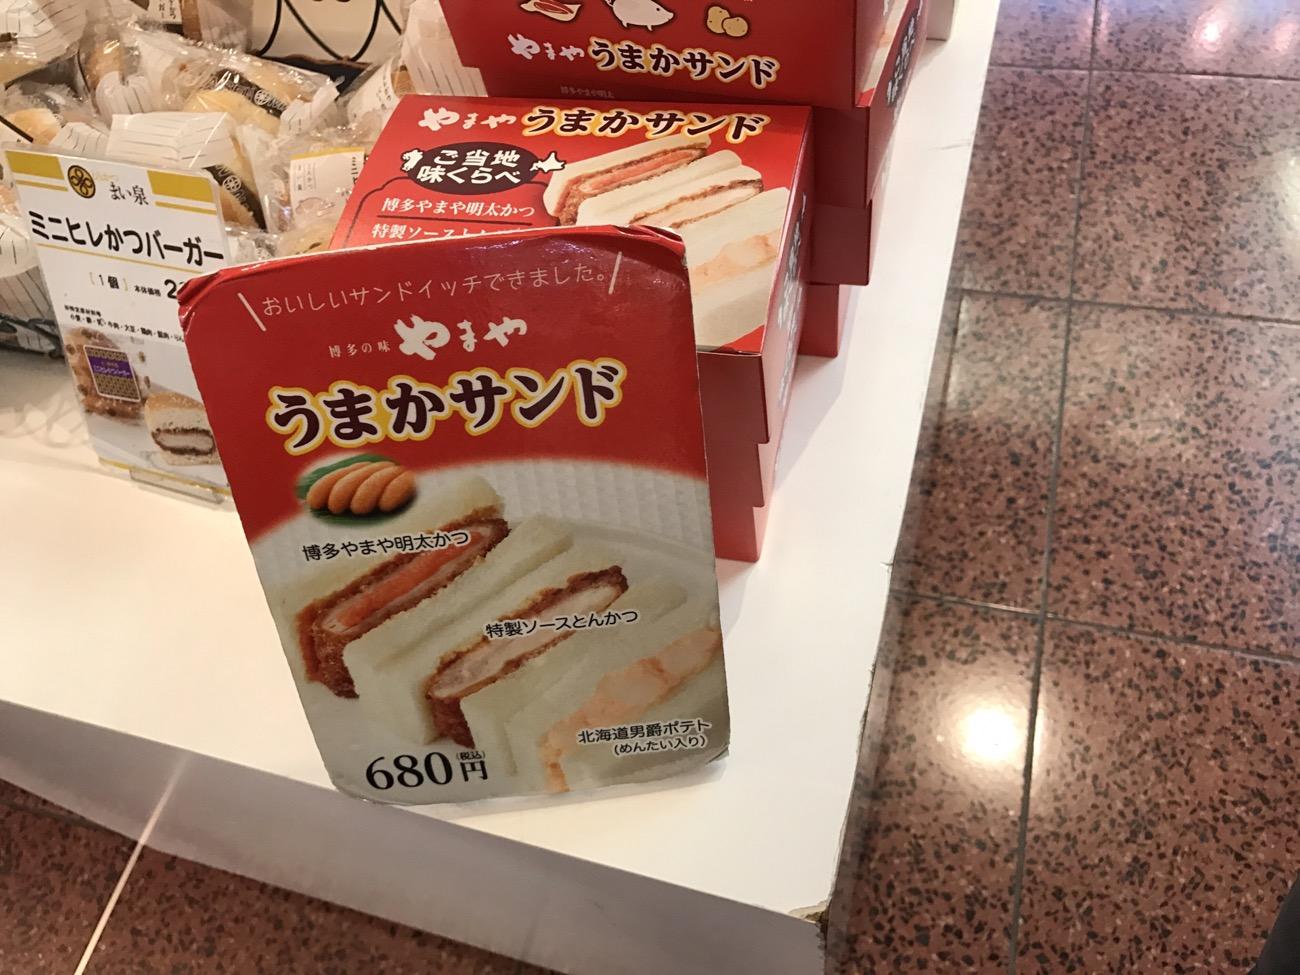 羽田空港 空弁おすすめ 明太子のやまや サンド